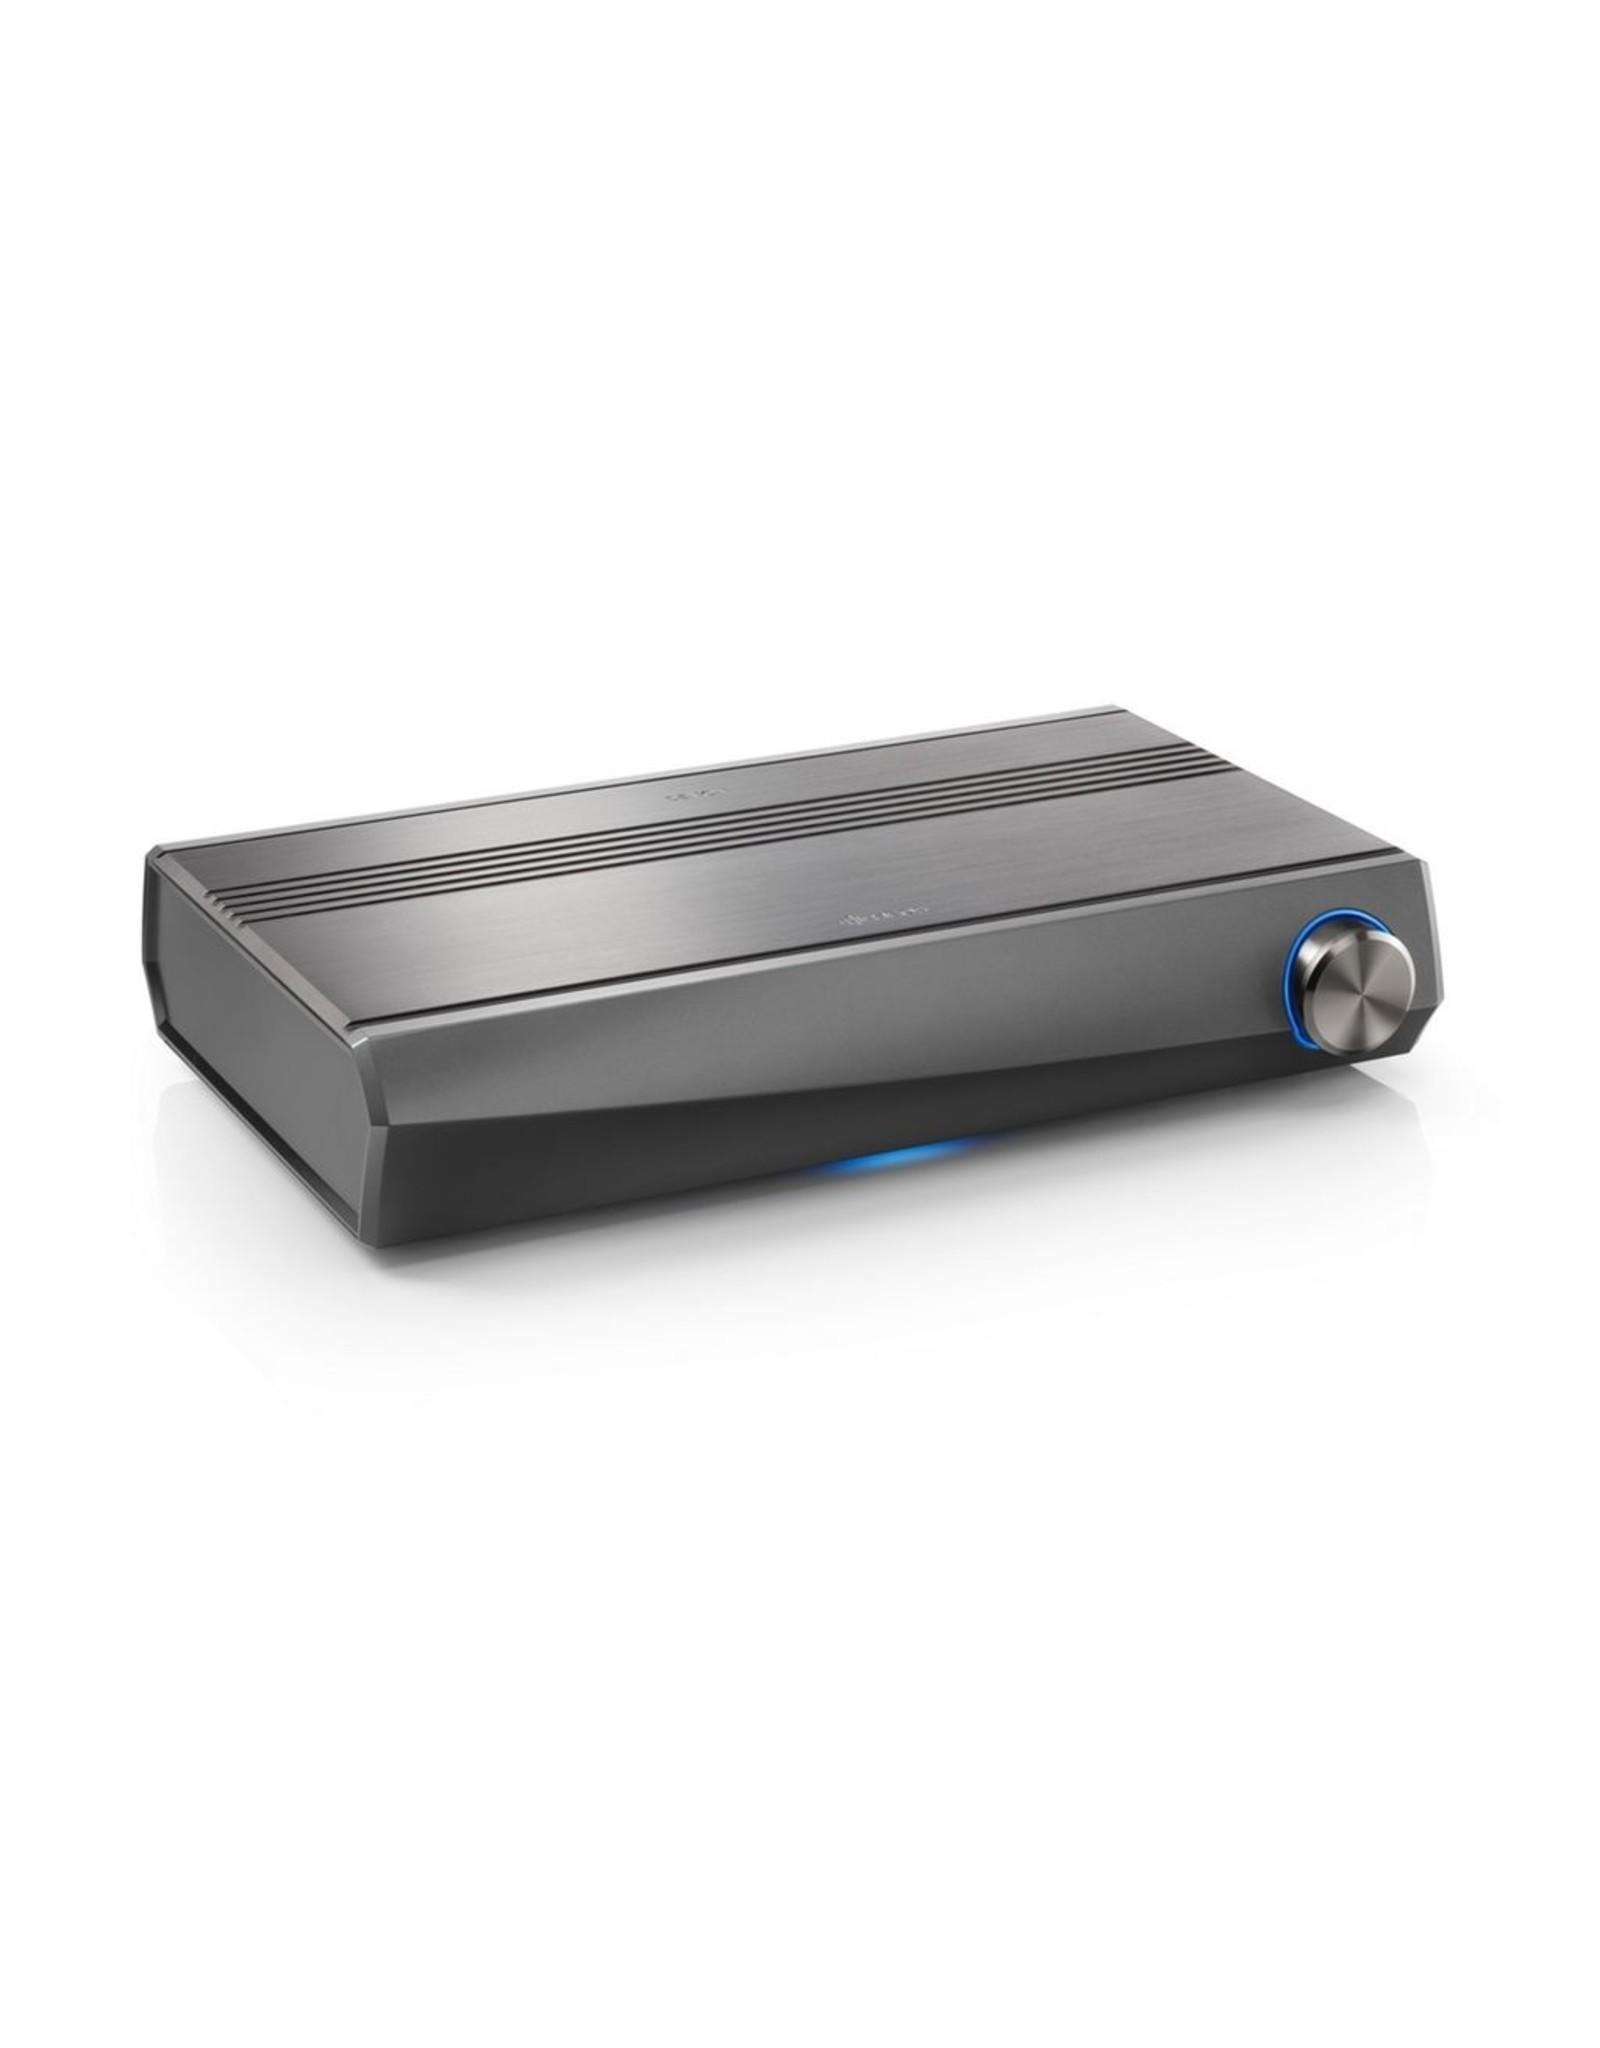 HEOS HEOS AVR 5.1 RECEIVER BLACK